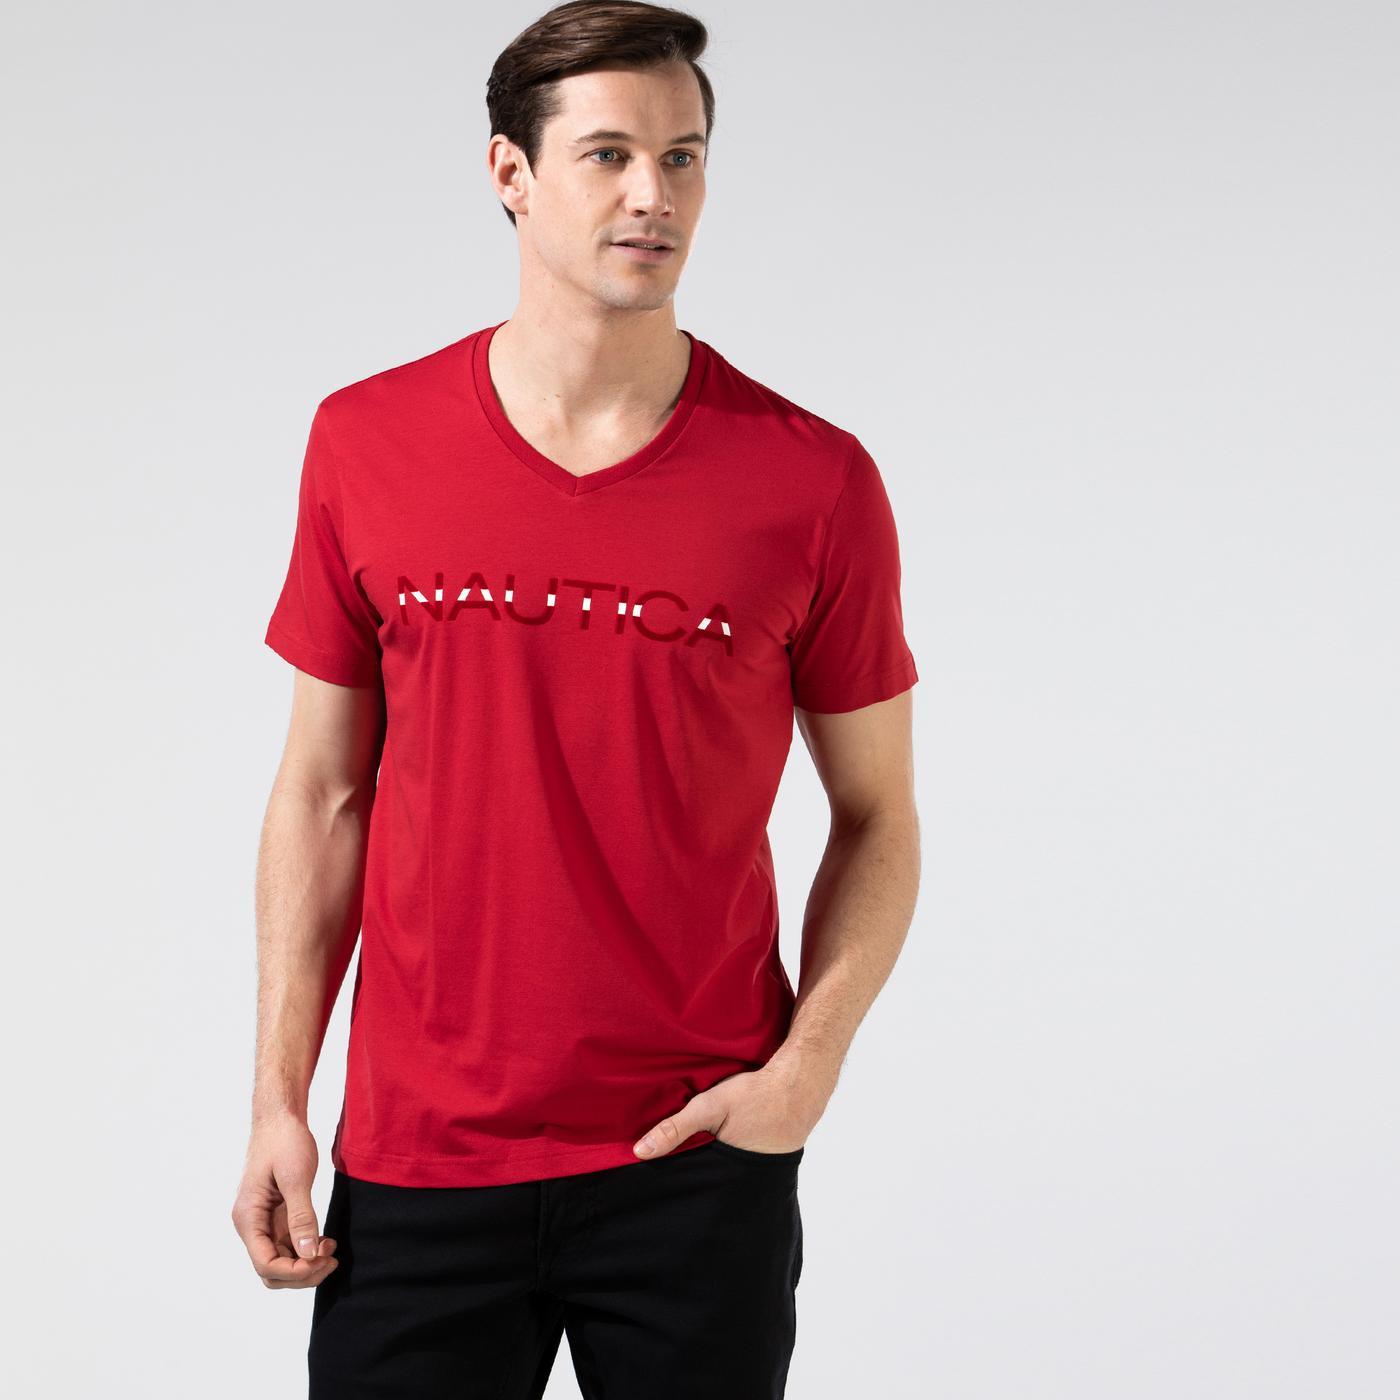 Nautica Erkek Kırmızı V-Yaka T-Shirt